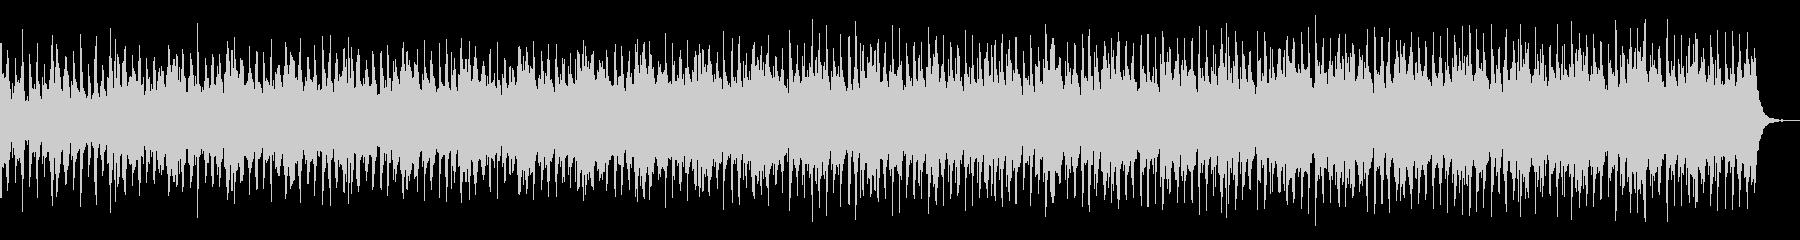 パワフルなオープニング和風ロックの未再生の波形